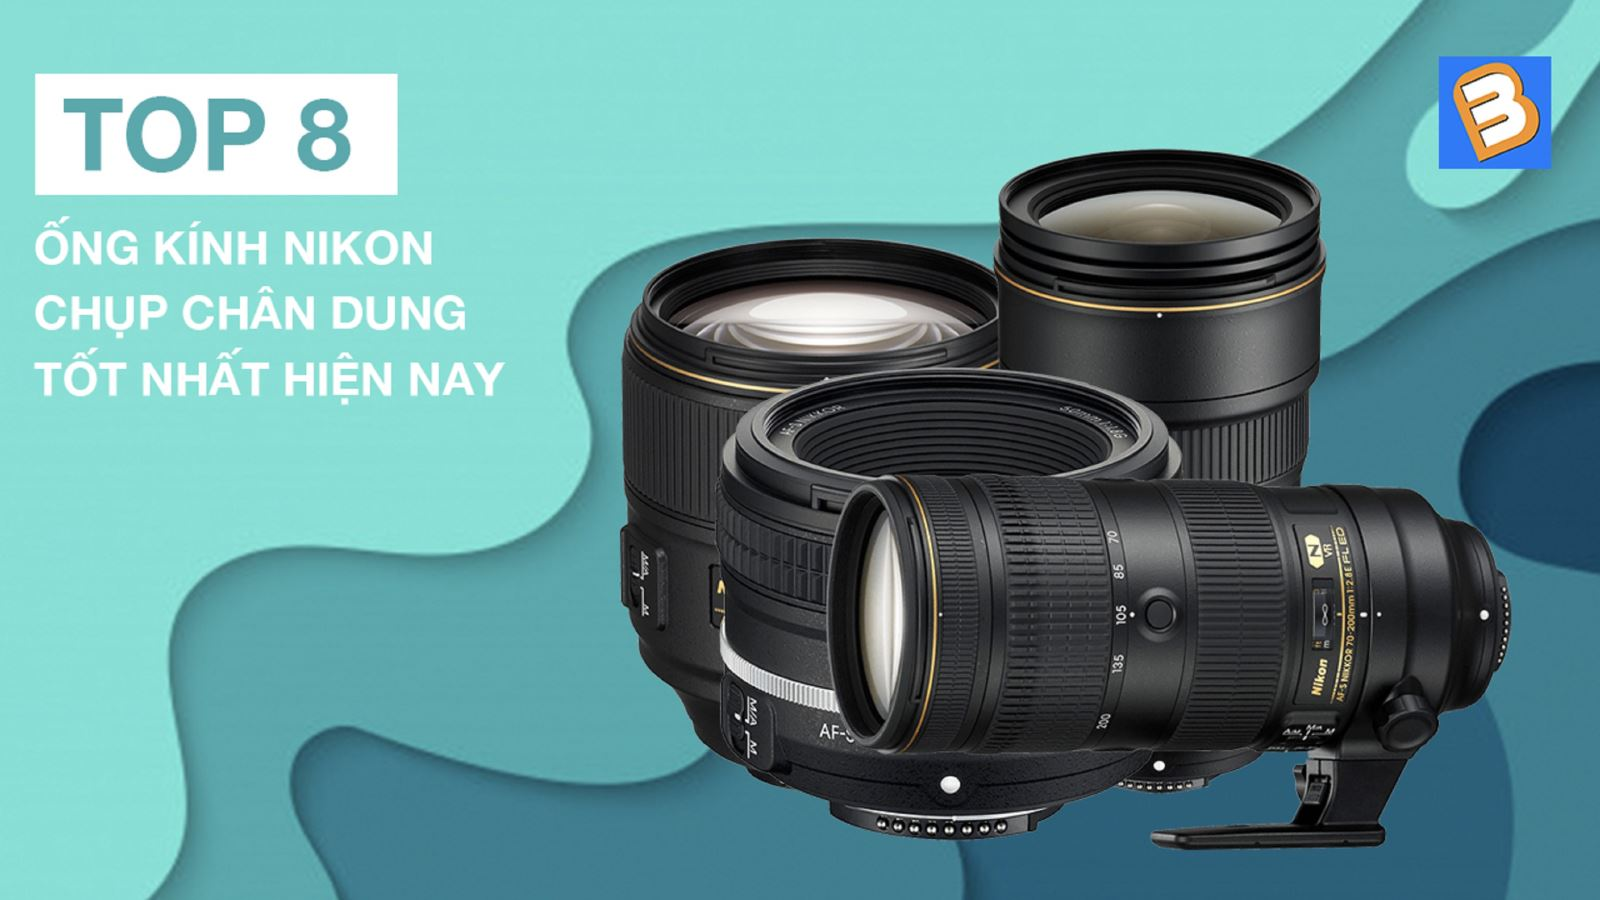 Top 8 ống kính Nikon chụp chân dung tốt nhất hiện nay